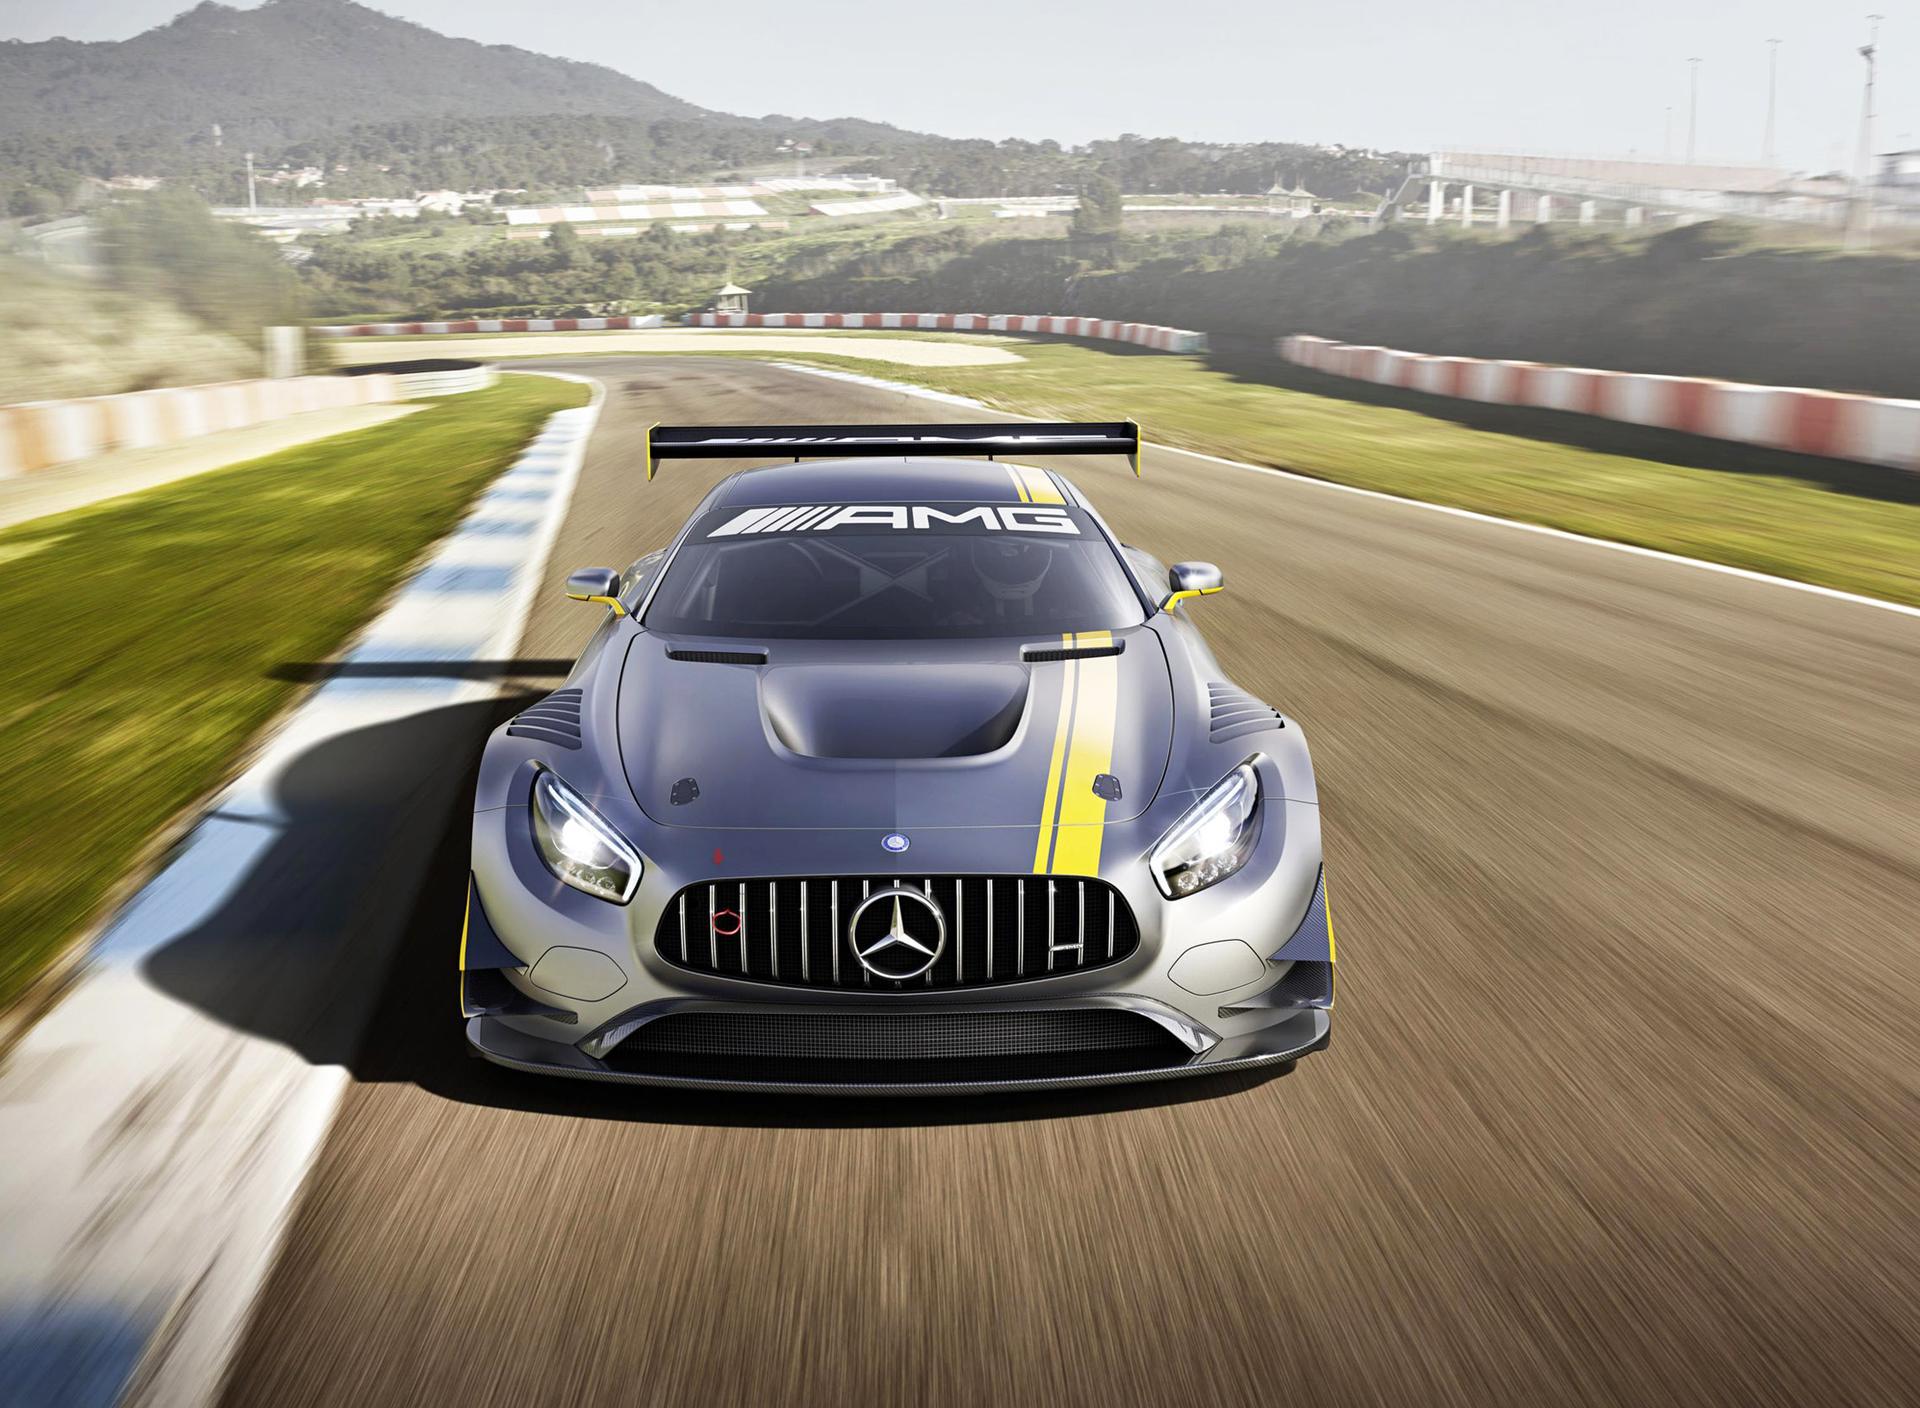 Race Car Mercedes Benz Amg Gt3 Wallpaper Download 1920x1408